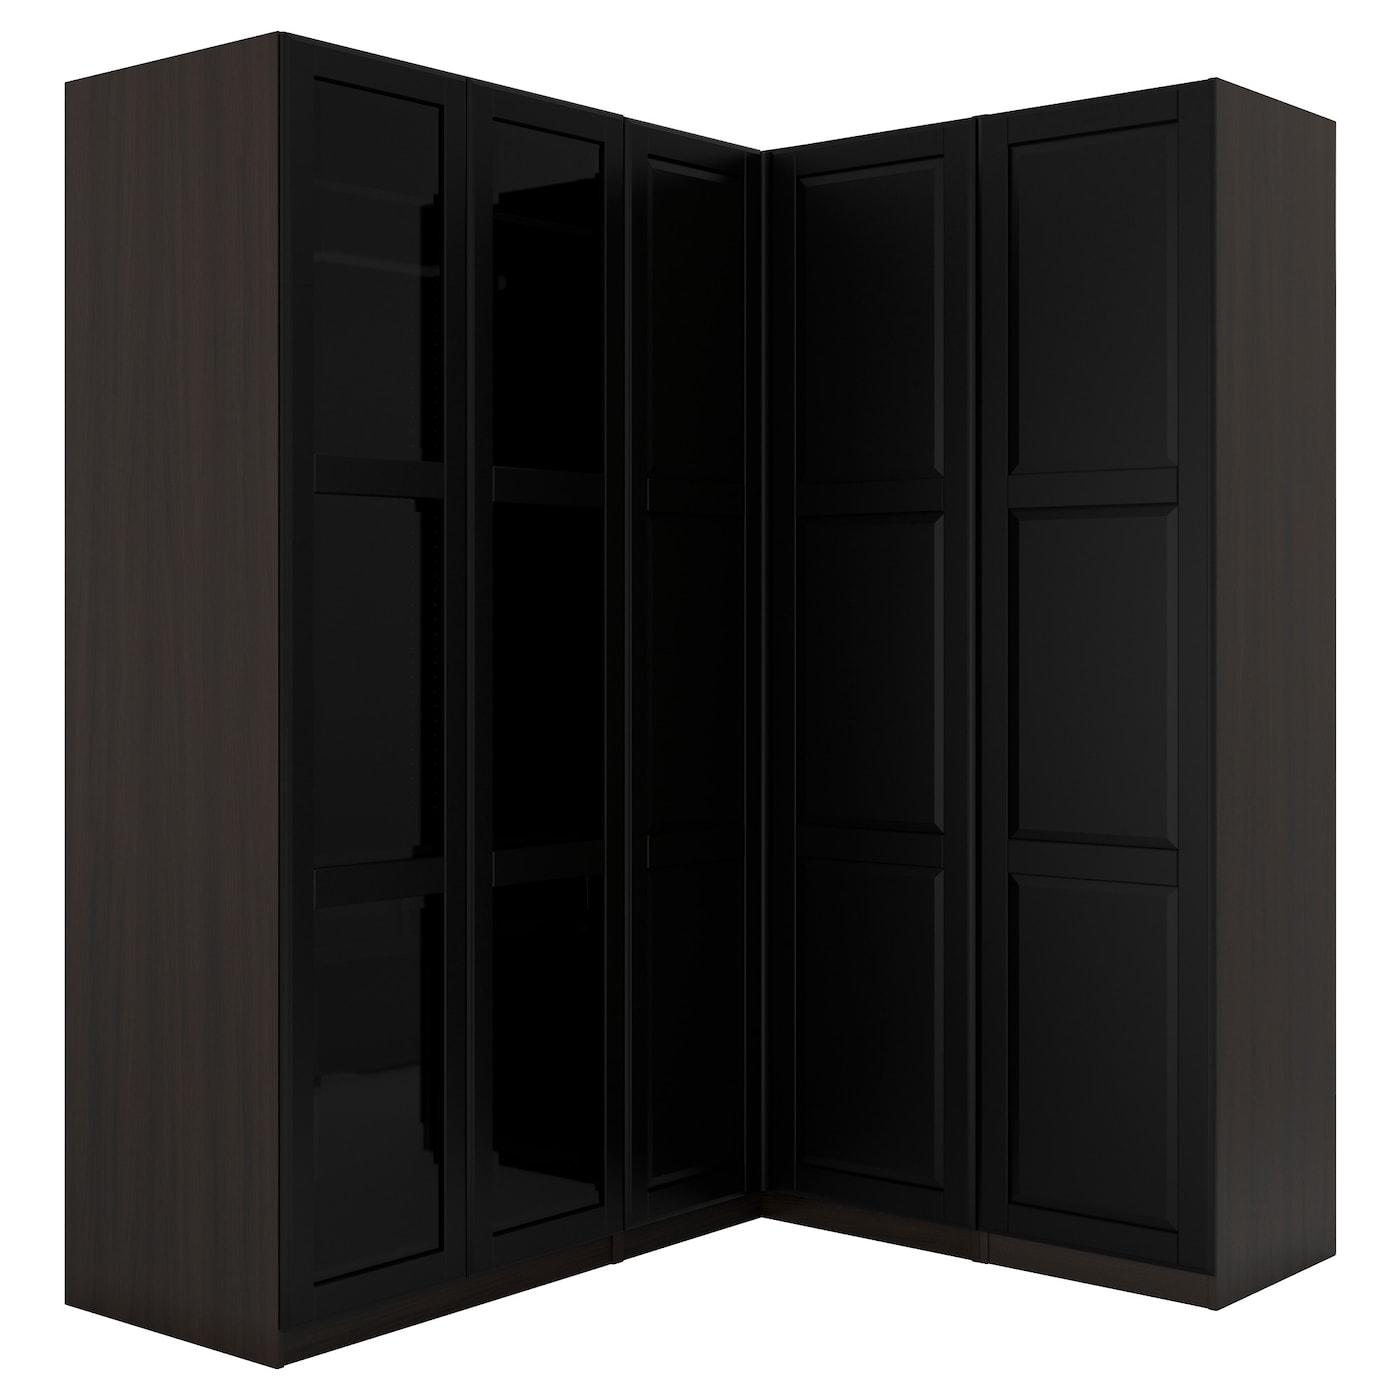 Pax penderie d 39 angle brun noir undredal undredal verre 210 160x236 cm ikea - Penderie d angle ...